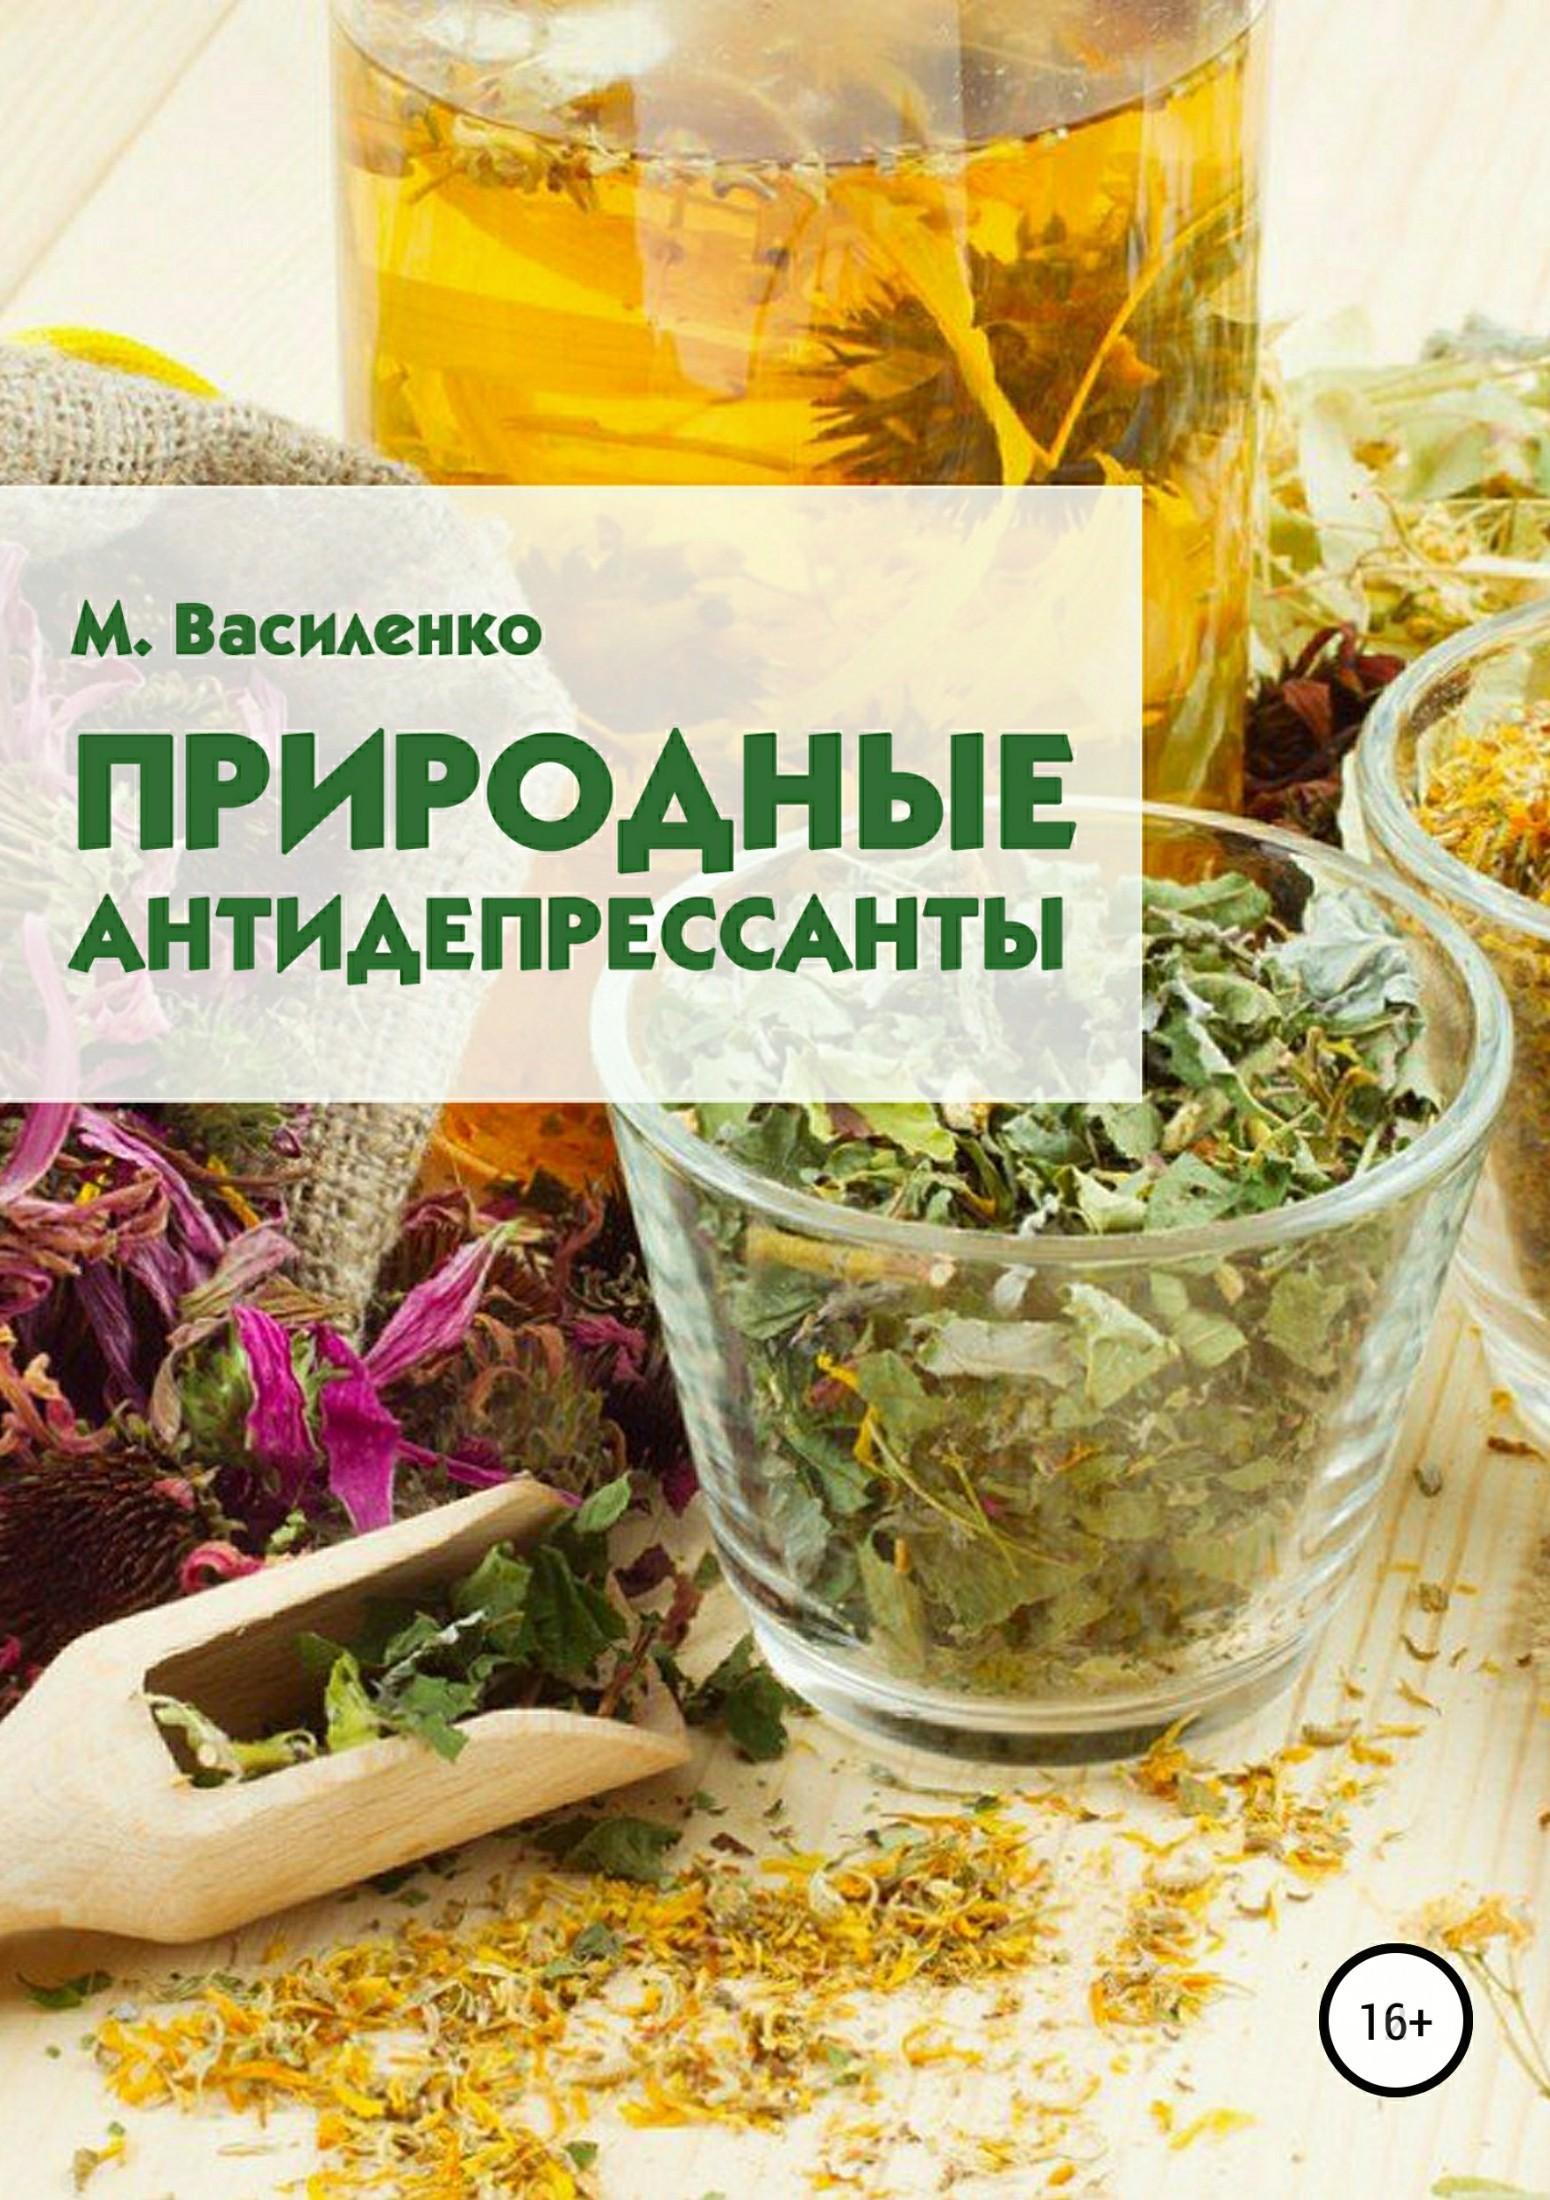 Михаил Василенко «Природные антидепрессанты»